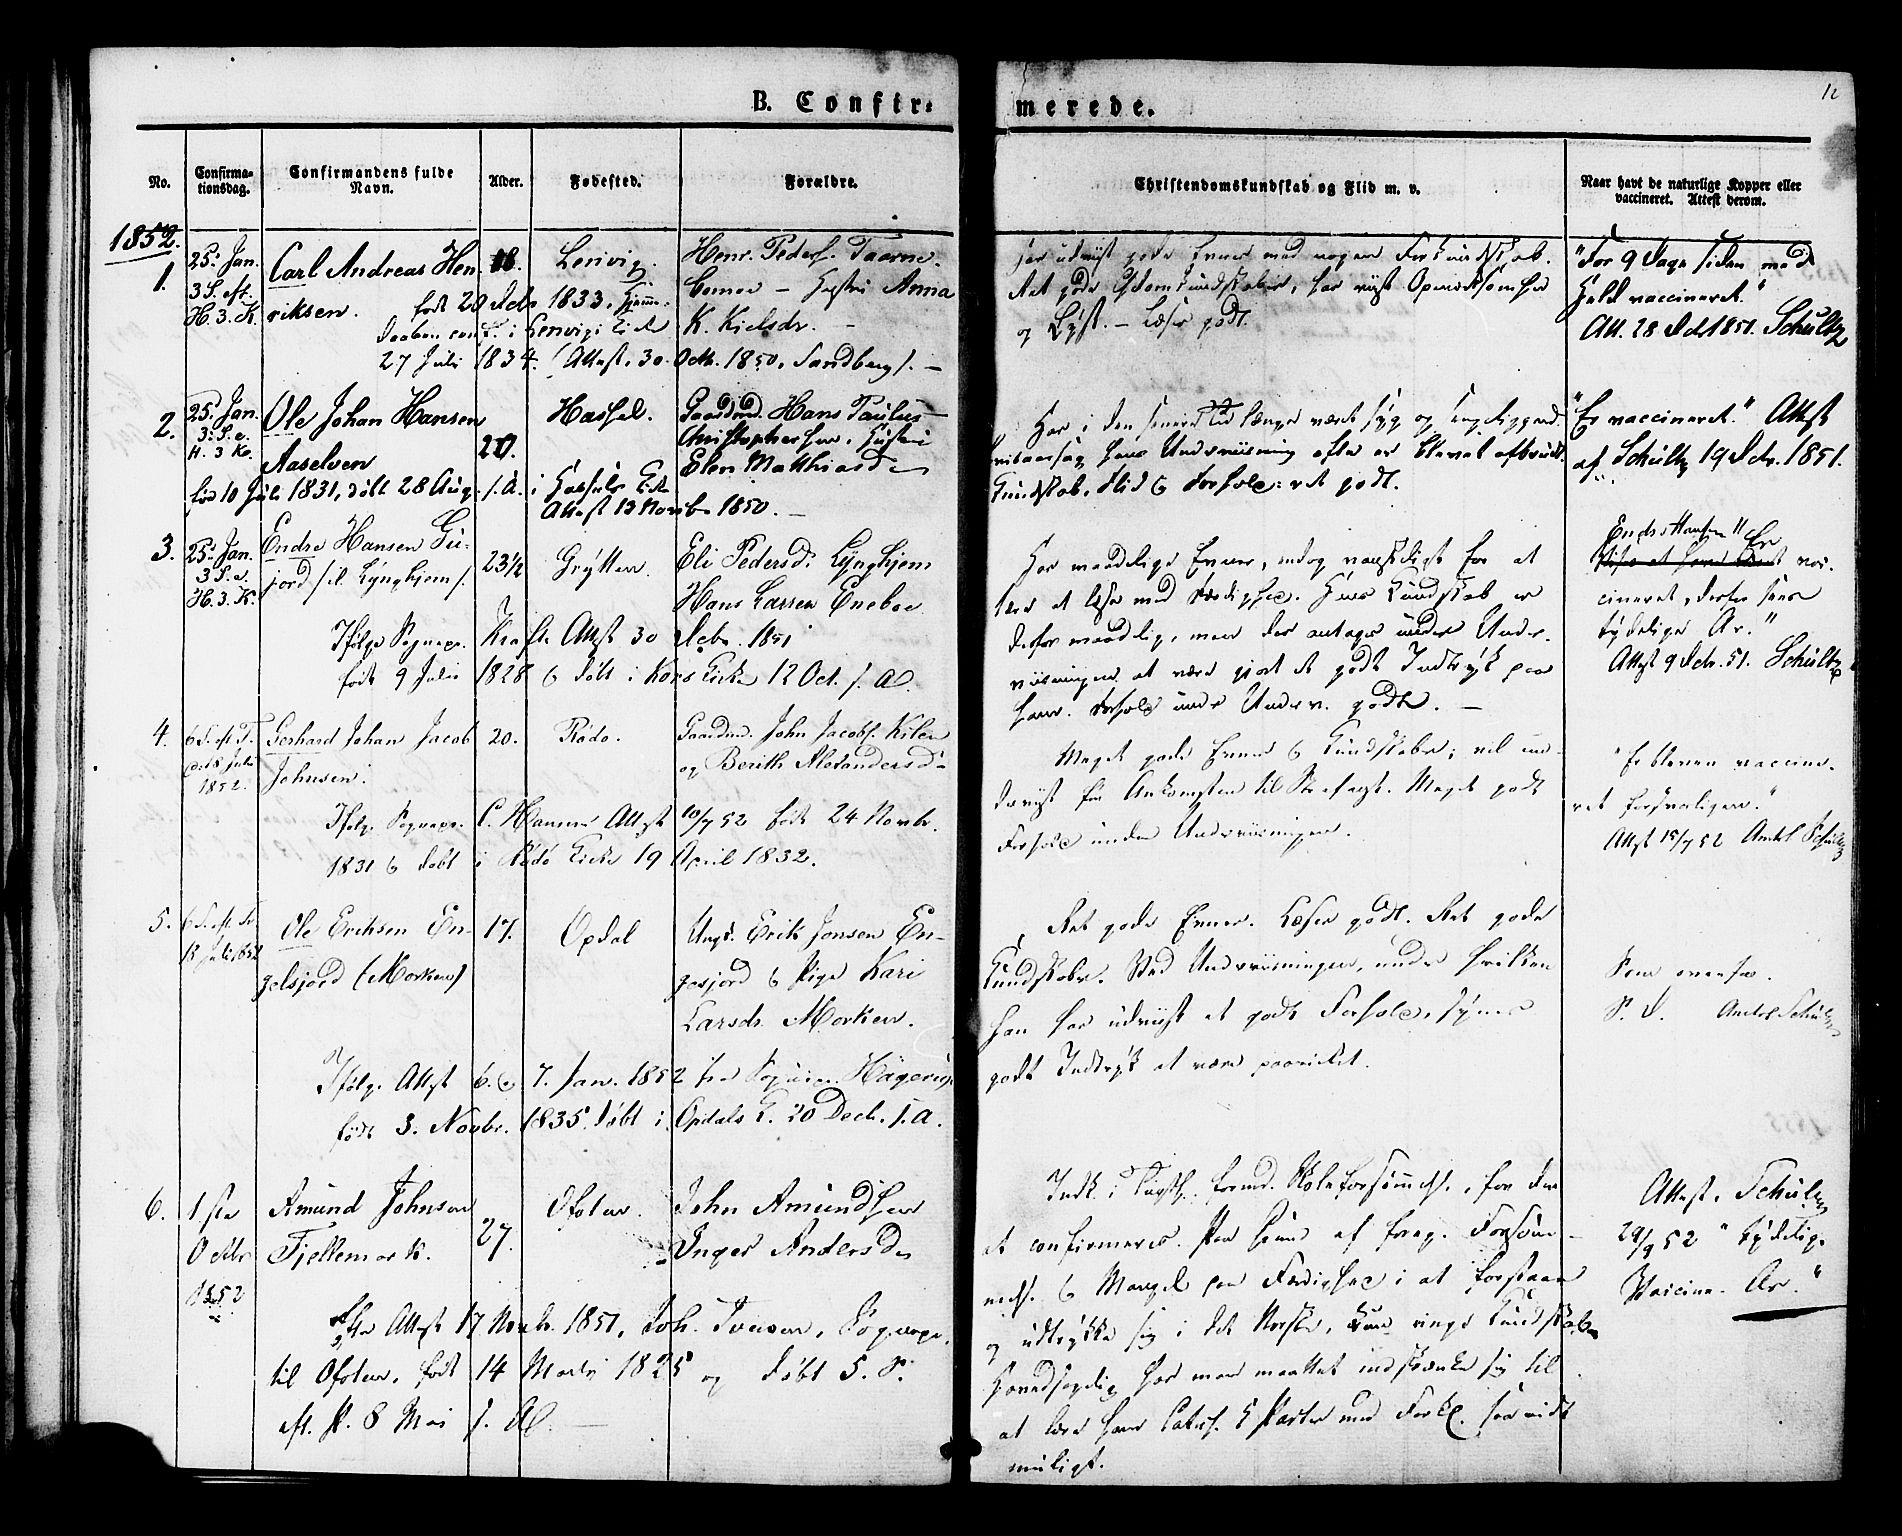 SAT, Ministerialprotokoller, klokkerbøker og fødselsregistre - Sør-Trøndelag, 624/L0480: Ministerialbok nr. 624A01, 1841-1864, s. 12